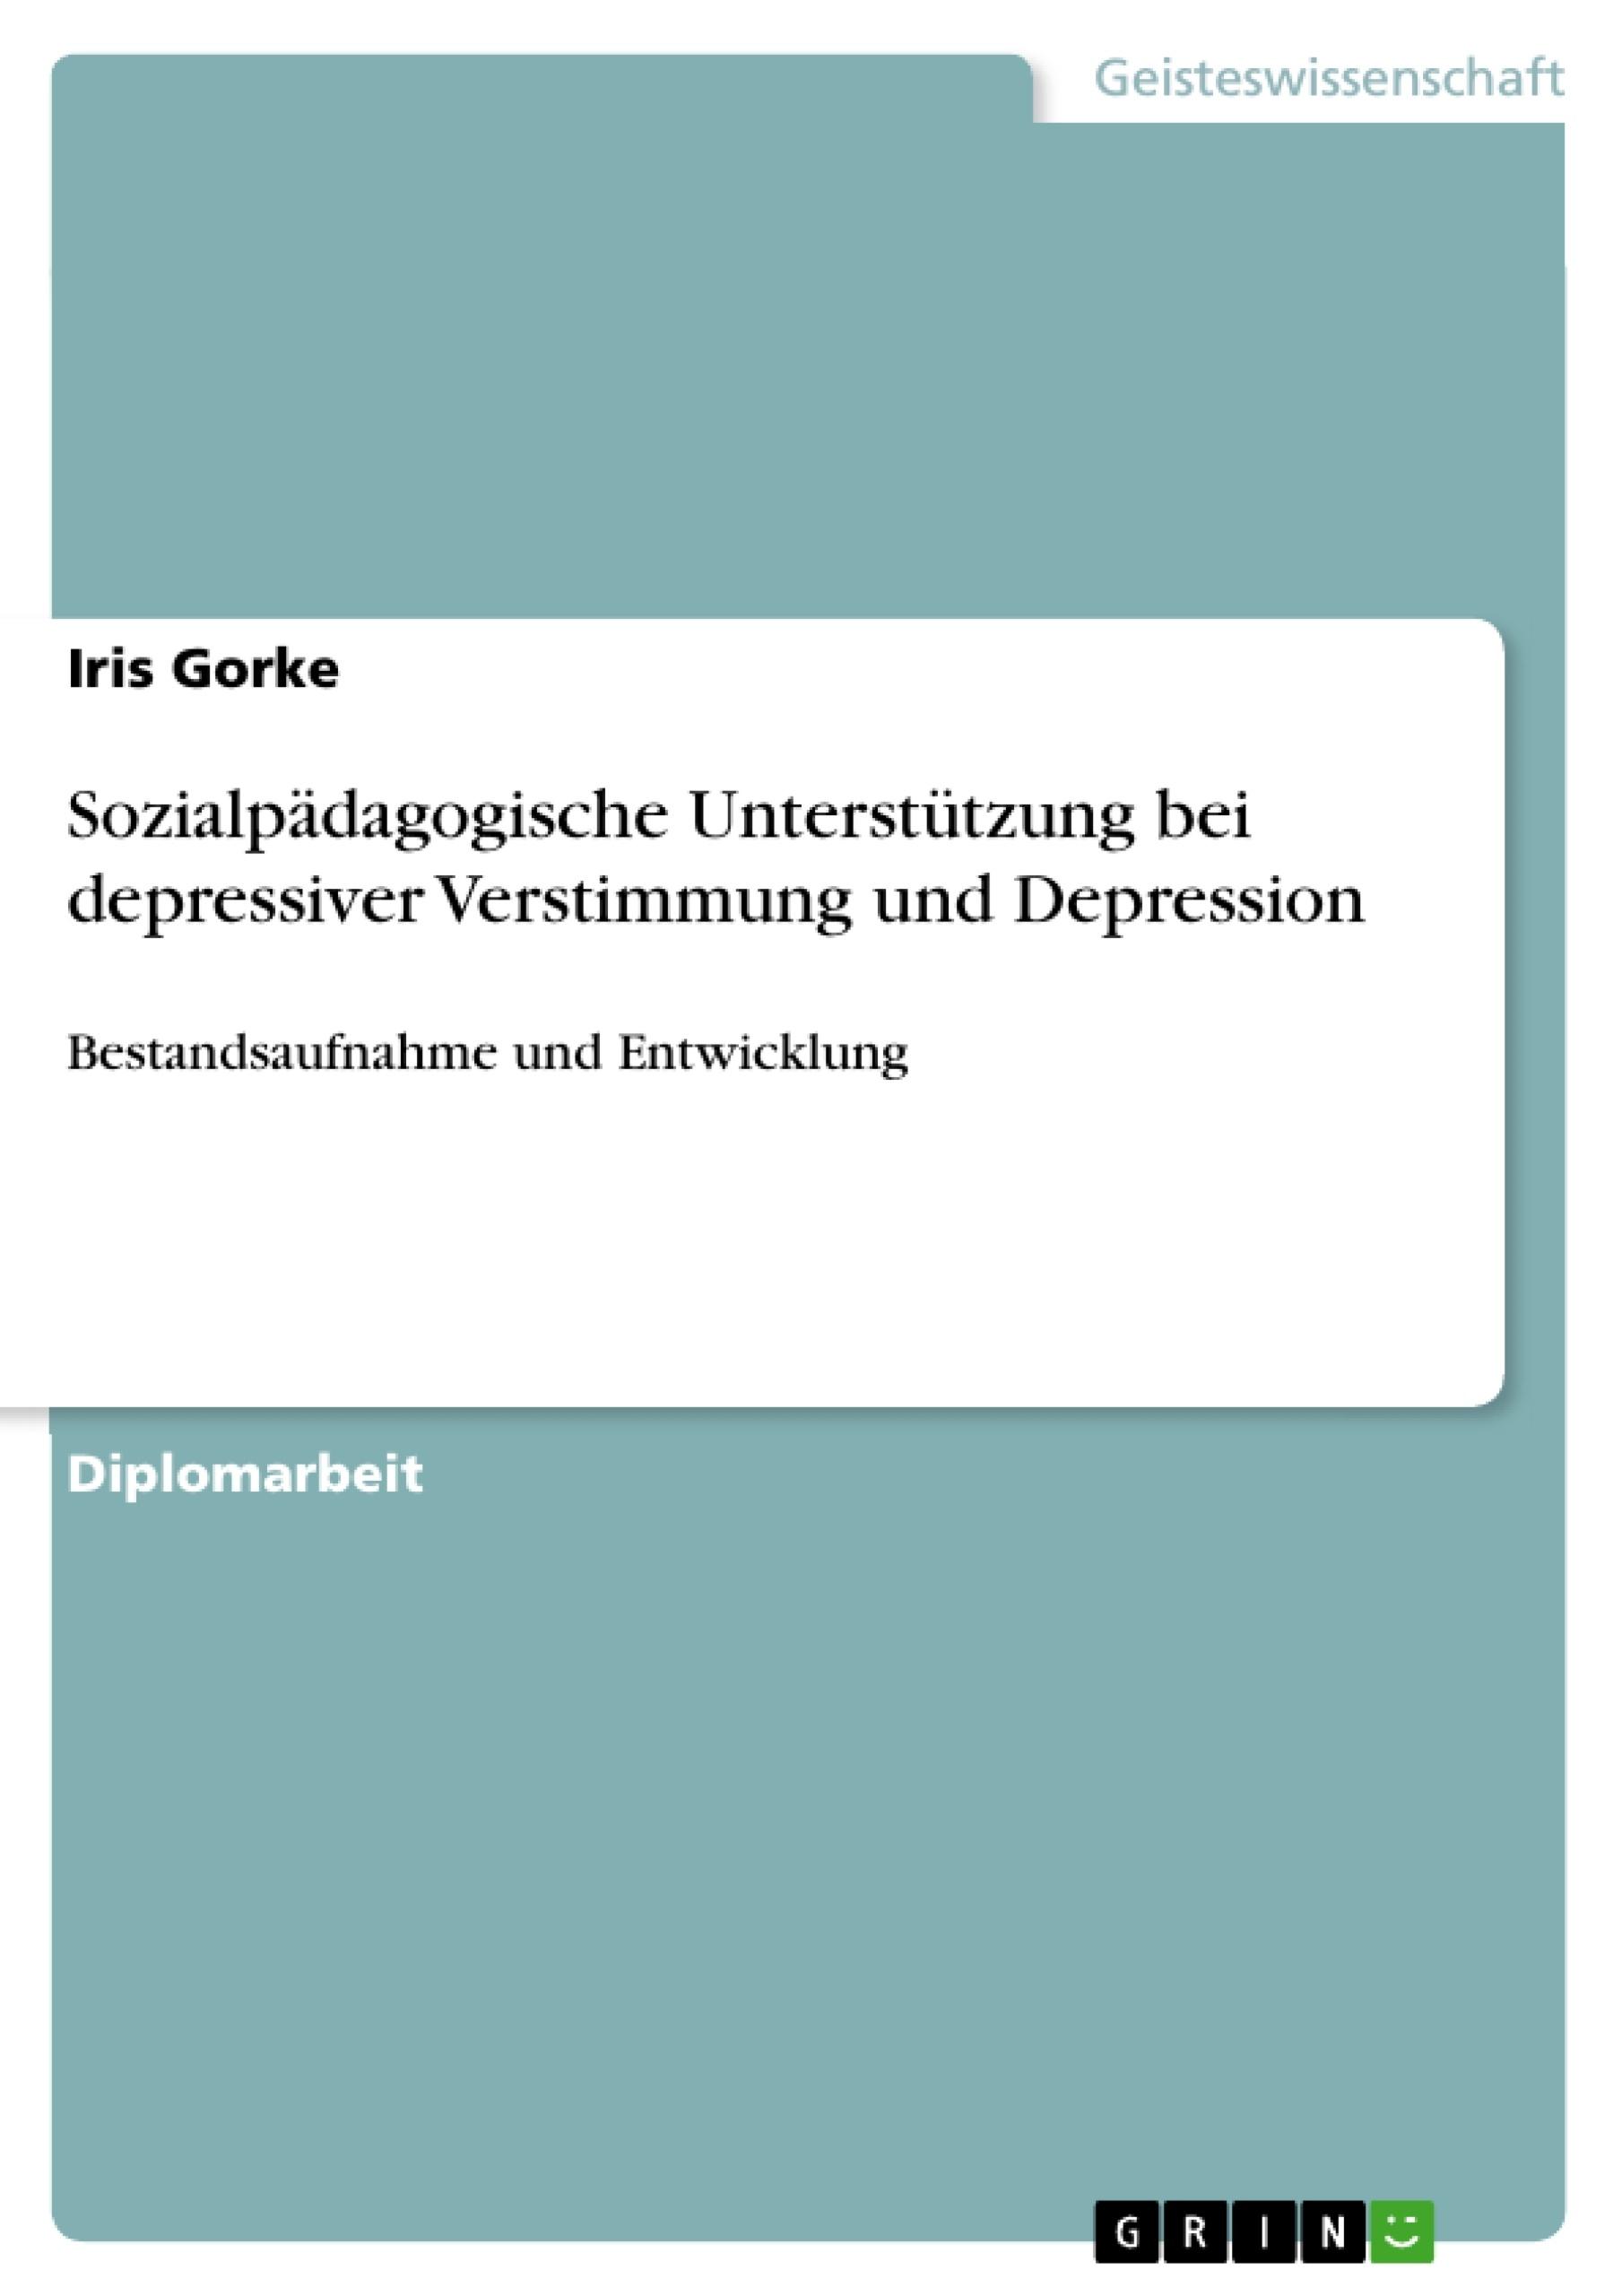 Titel: Sozialpädagogische Unterstützung bei depressiver Verstimmung und Depression